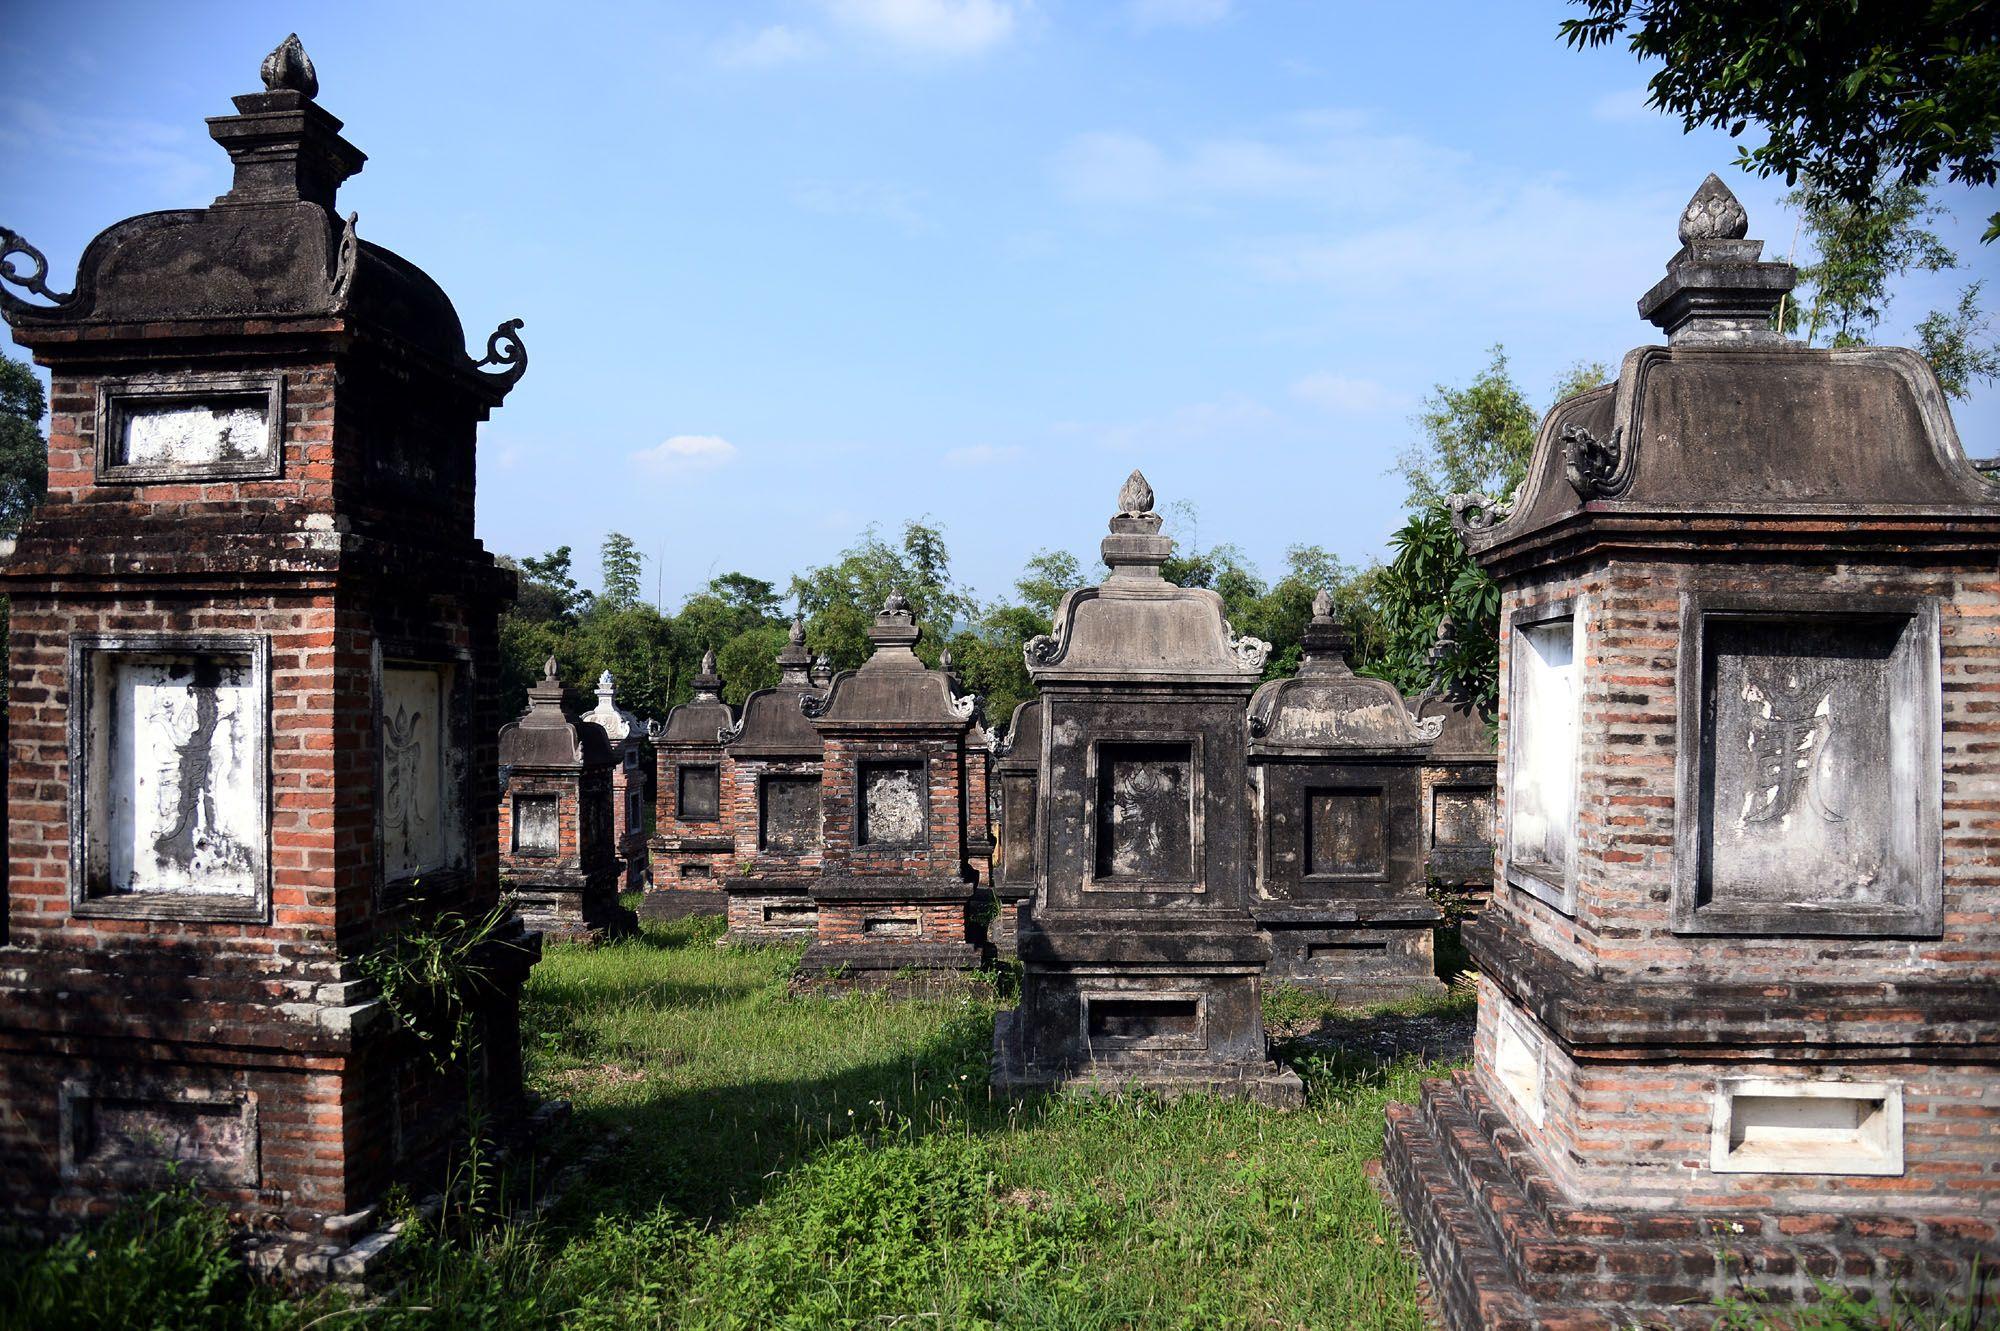 Chùa Bổ Đà - ngôi chùa cổ có mộc bản được coi là bảo vật quốc gia